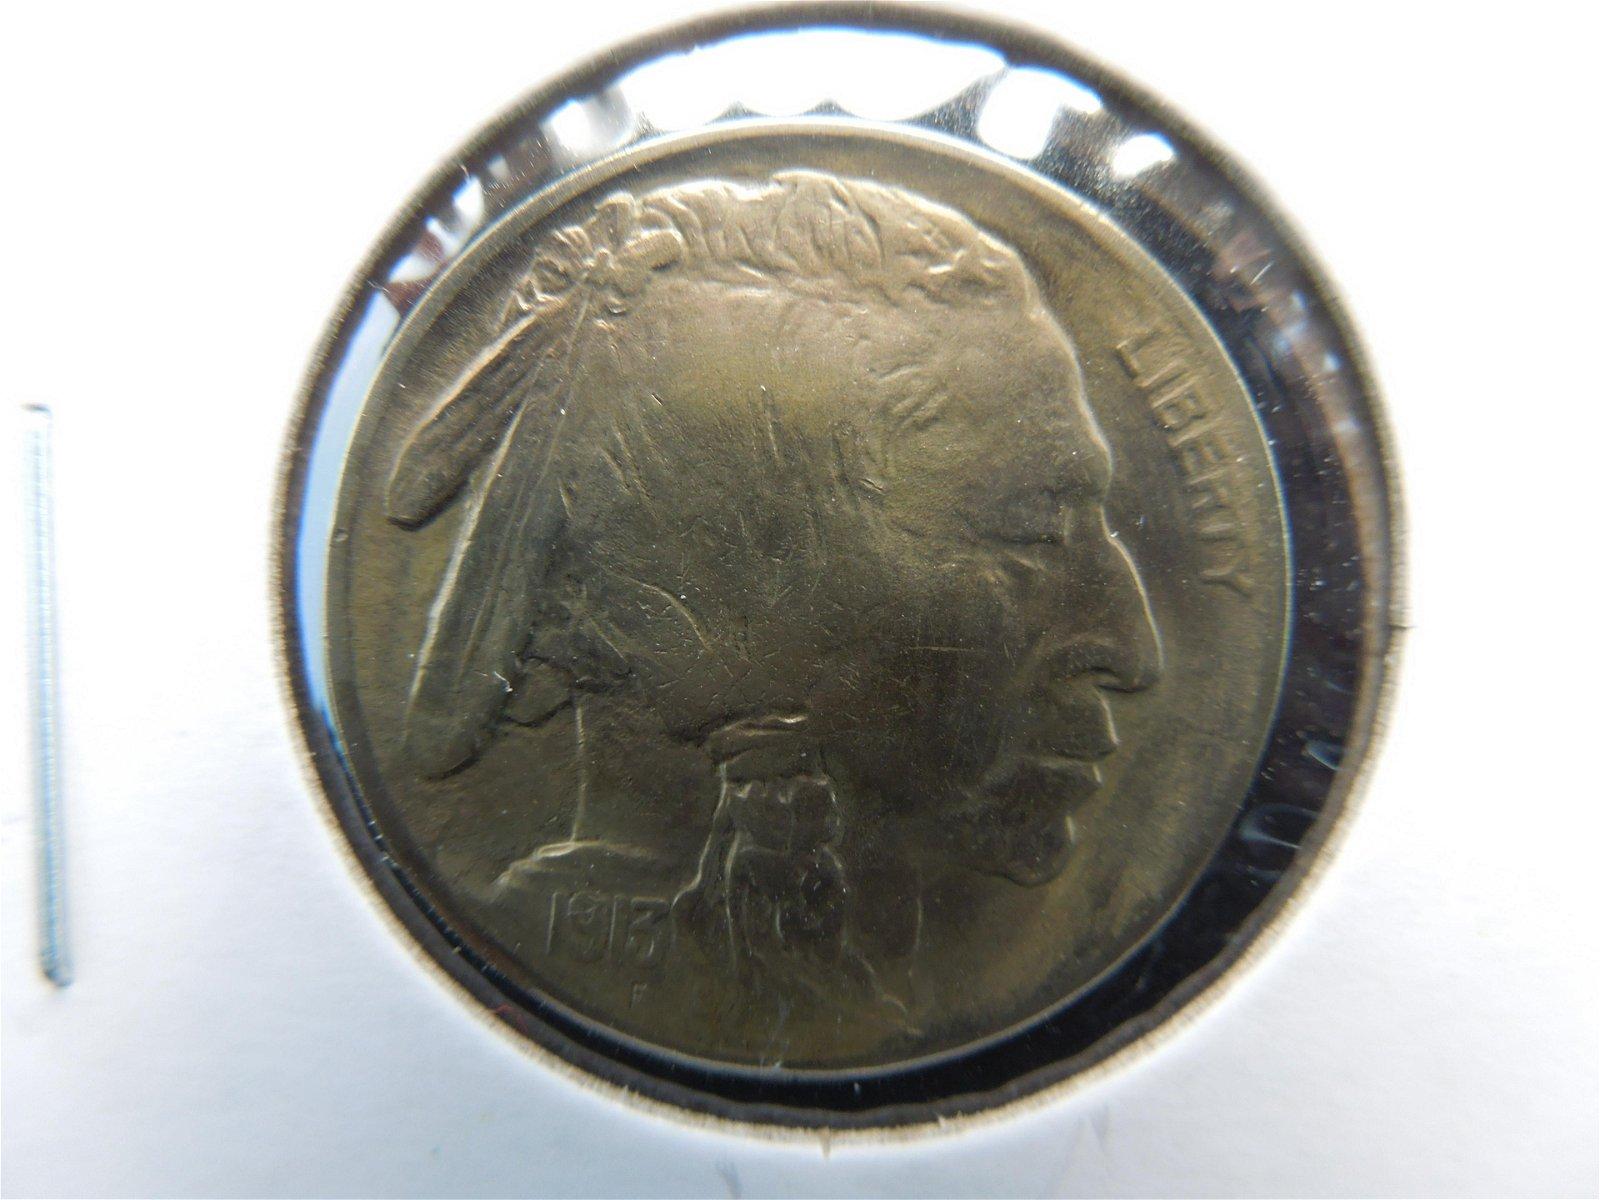 uncirculated 1913 type 1 buffalo nickel